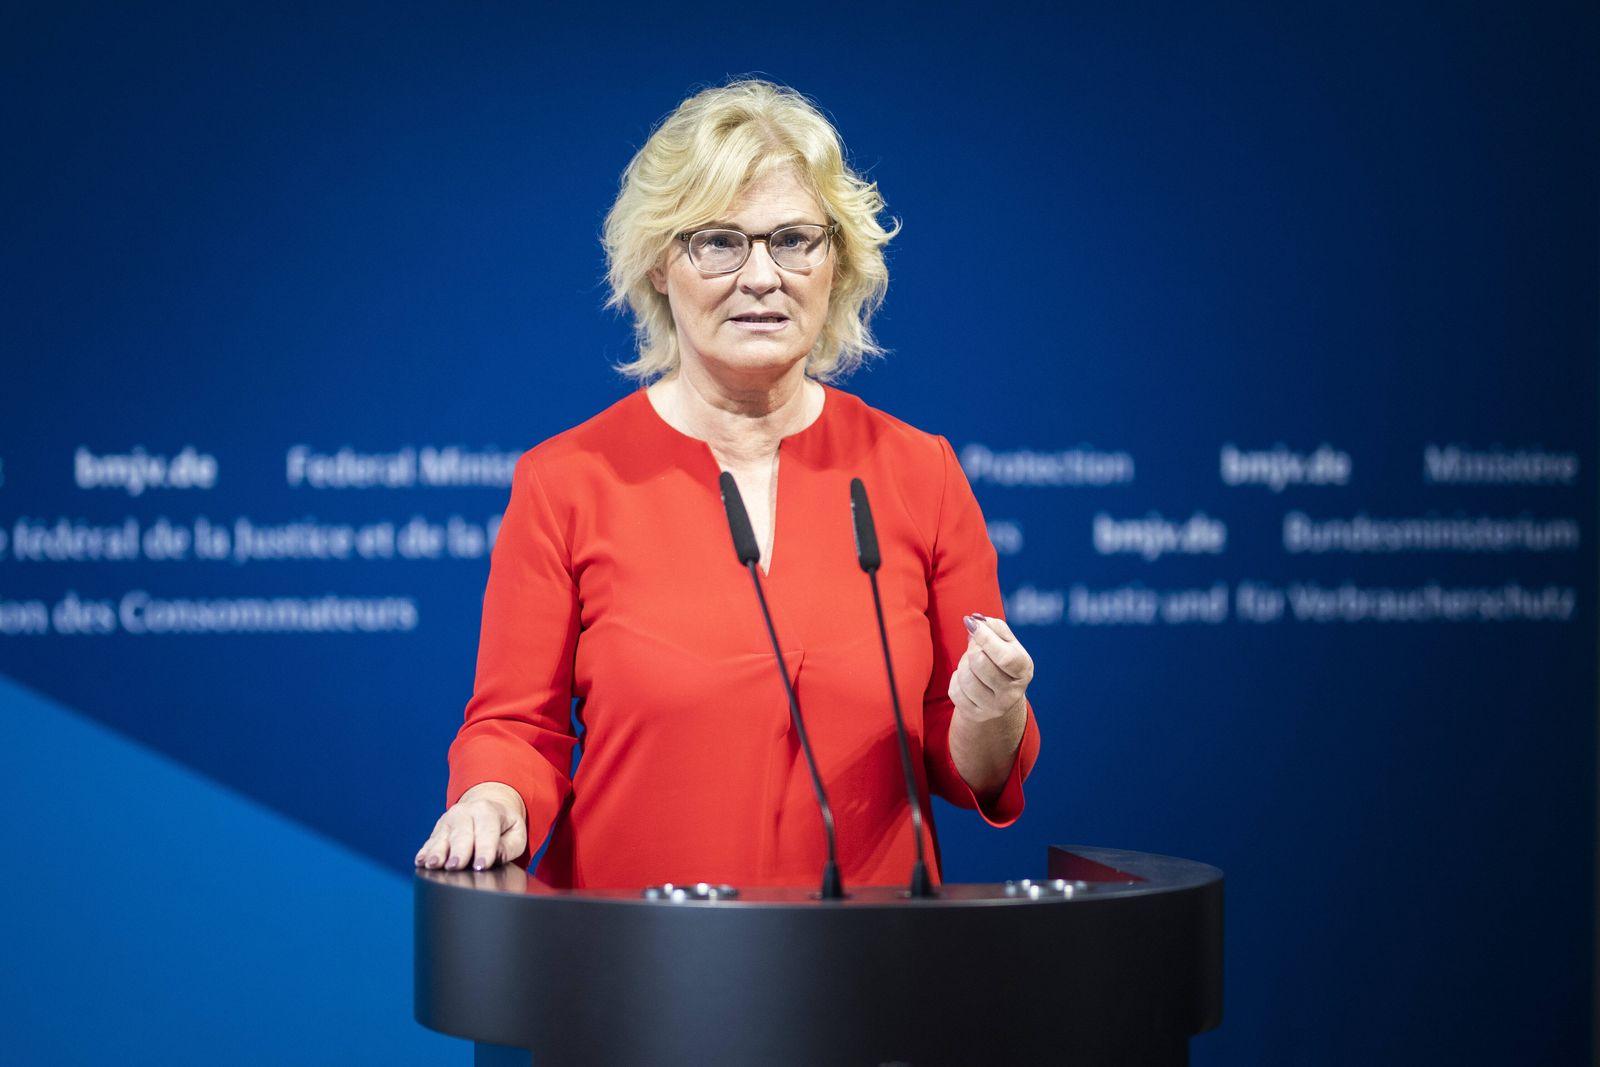 Christine Lambrecht, Bundesministerin fuer Justiz und Verbraucherschutz, aufgenommen im Rahmen eines Statements zum The